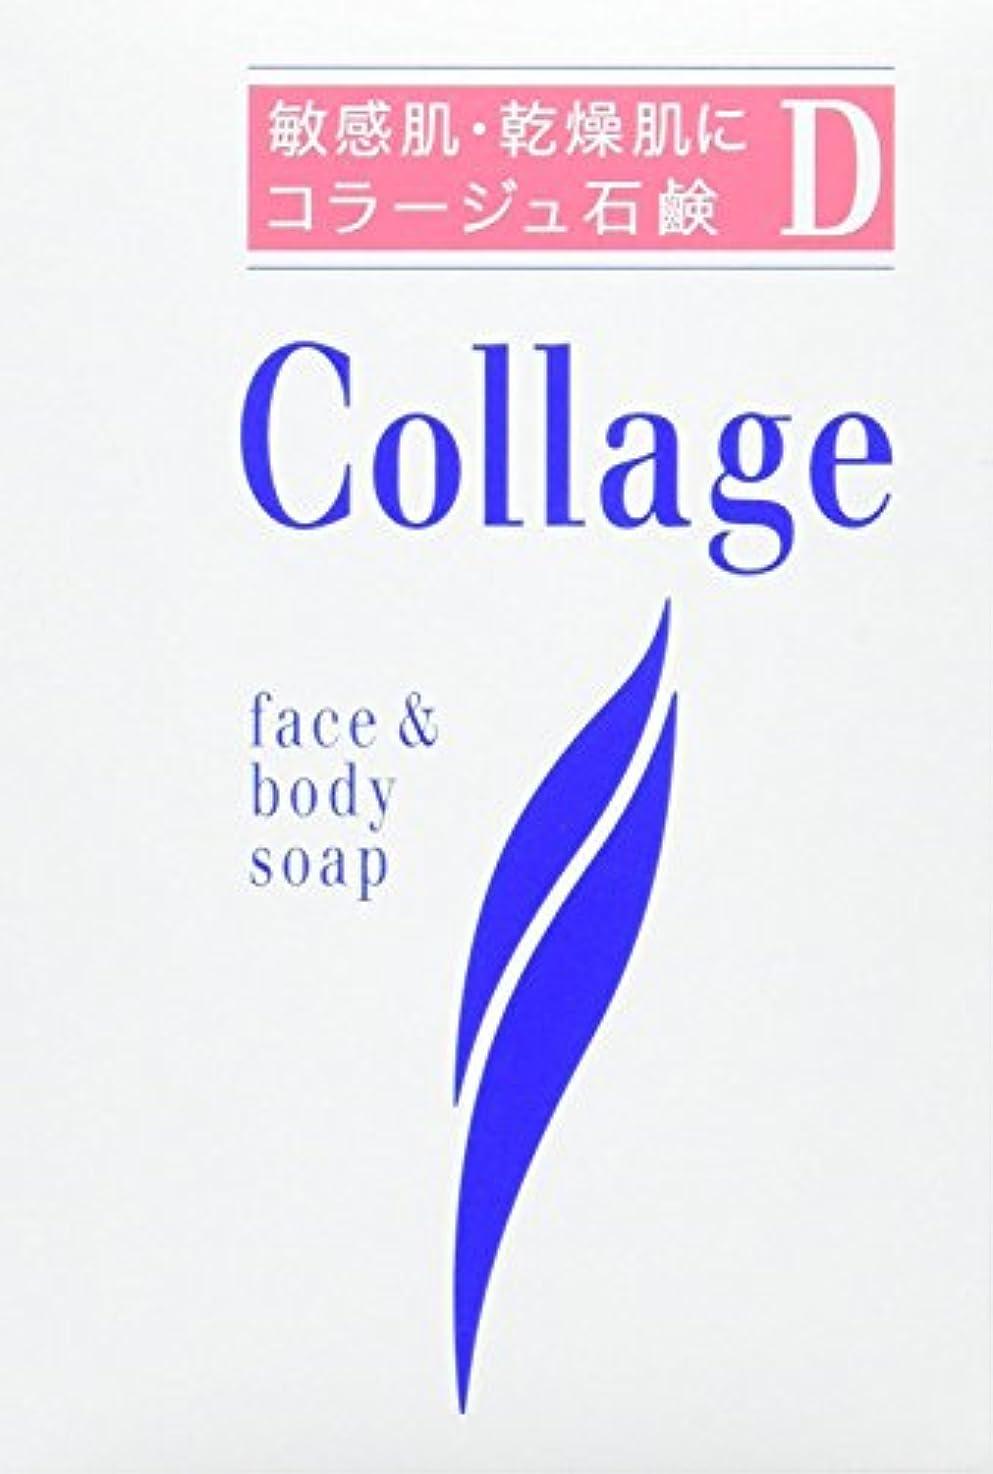 認証物理学者百年コラージュ D乾性肌用石鹸 100g×6個